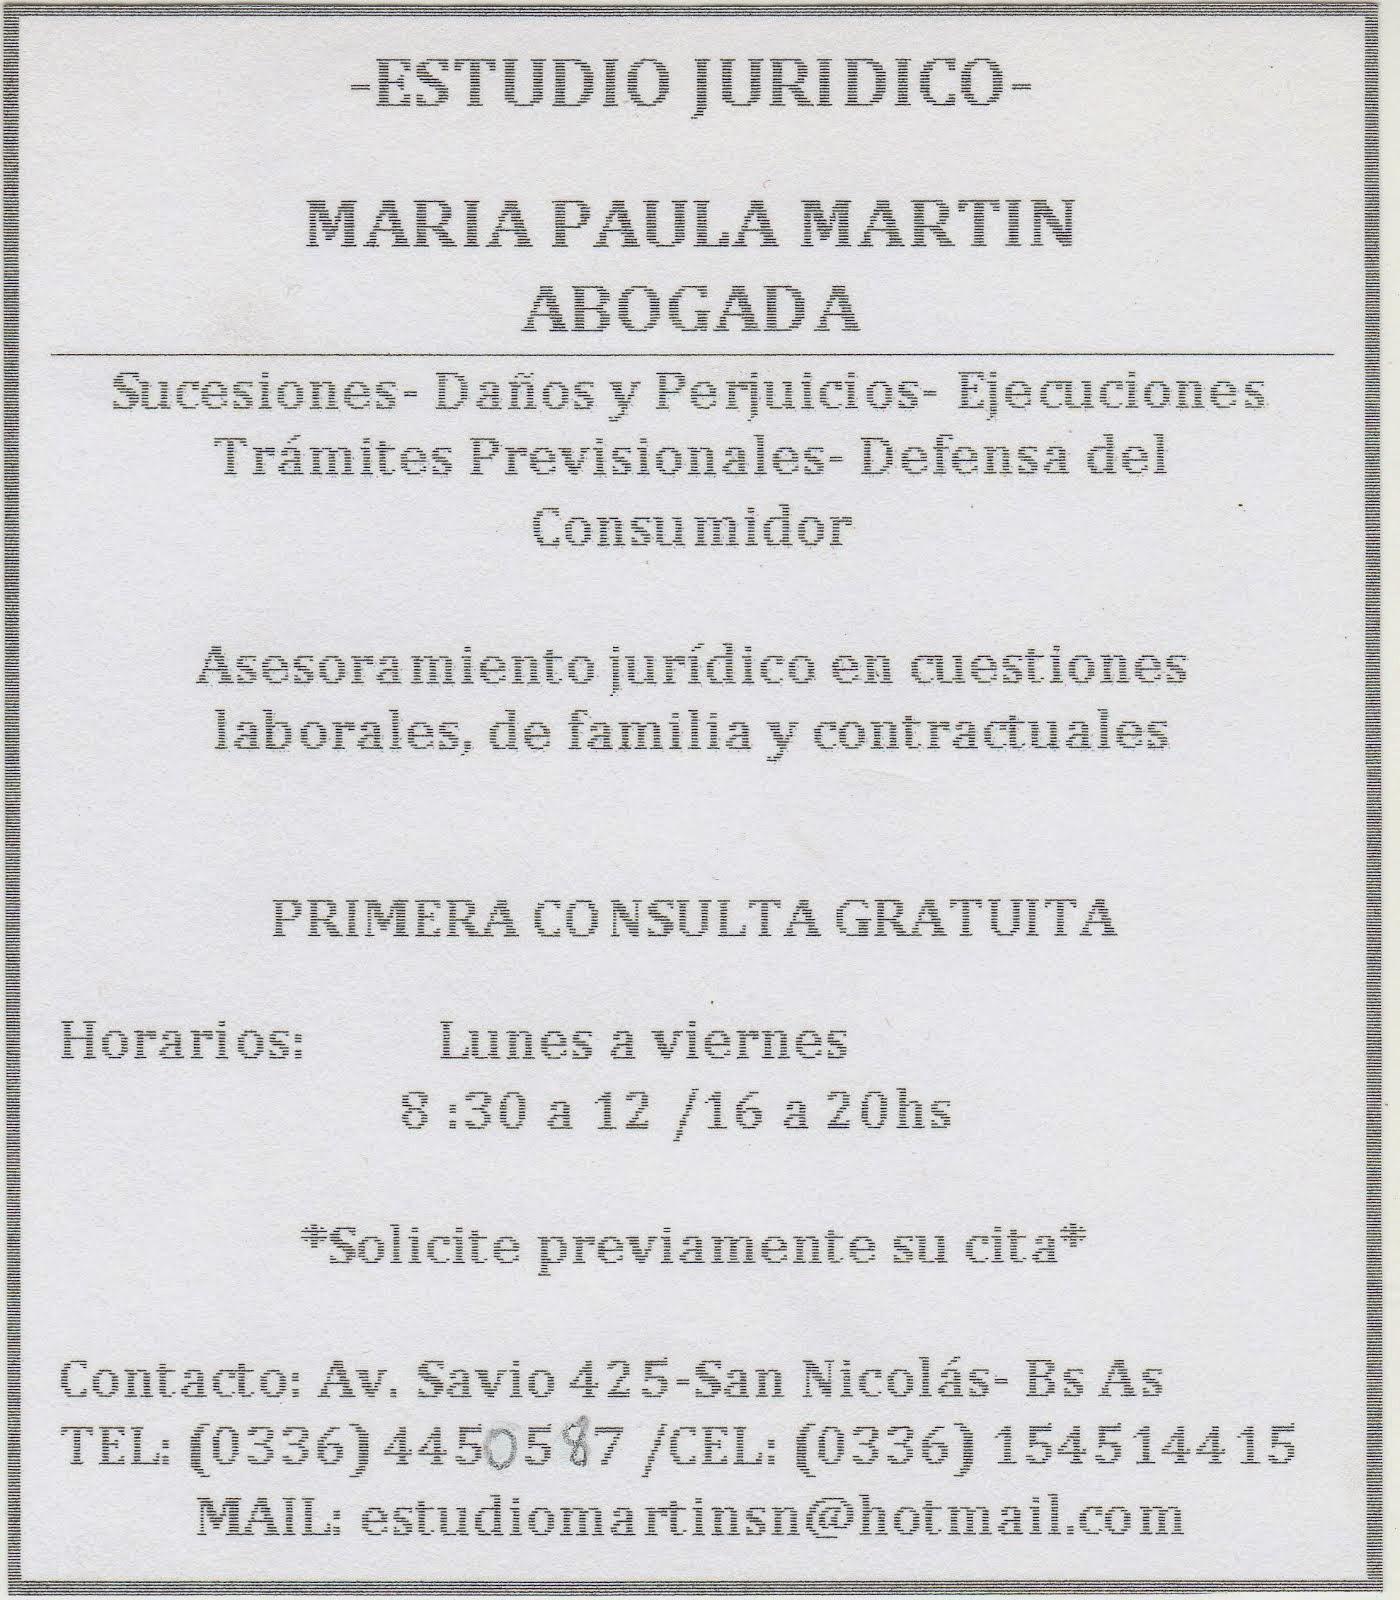 ESTUDIO JURIDICO MARTIN